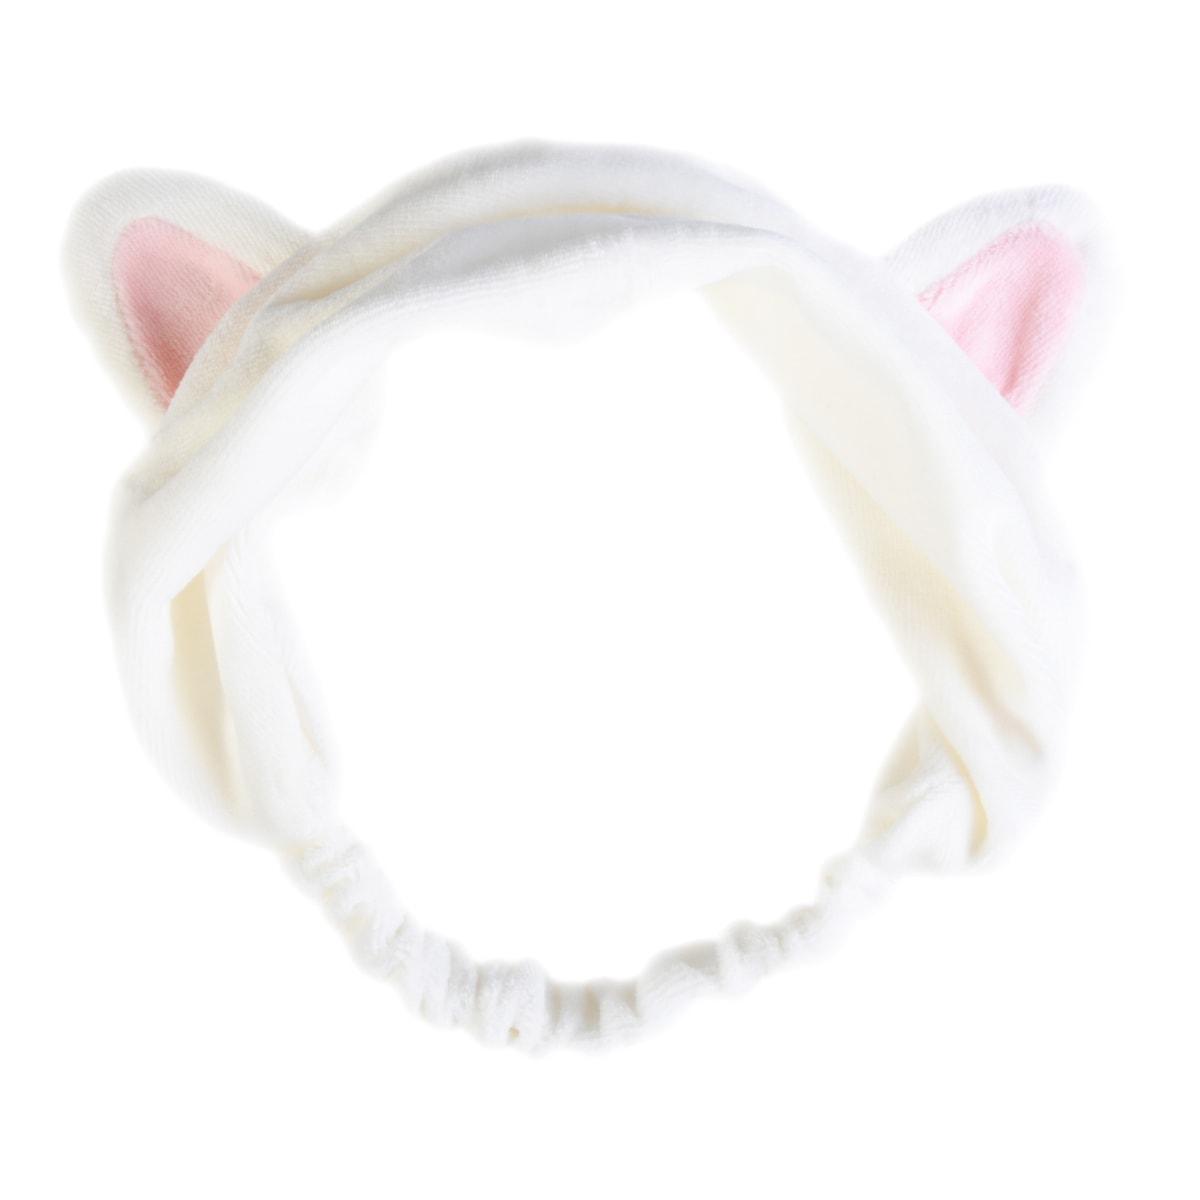 韩国ETUDE HOUSE伊蒂之屋(爱丽小屋) 可爱猫耳朵发带 白色 1件入